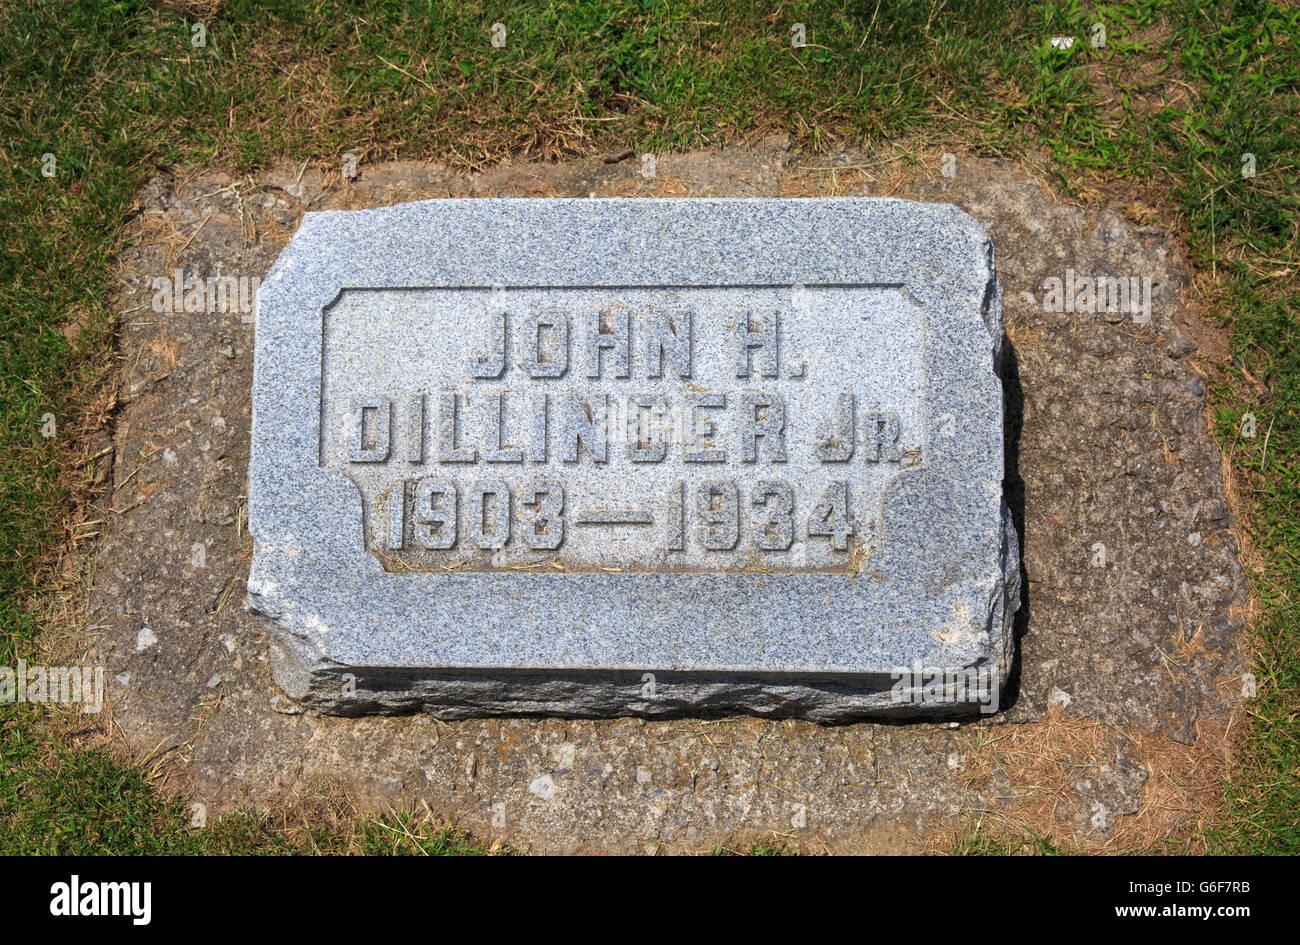 Headstone of of John Herbert Dillinger, American bank robber. - Stock Image